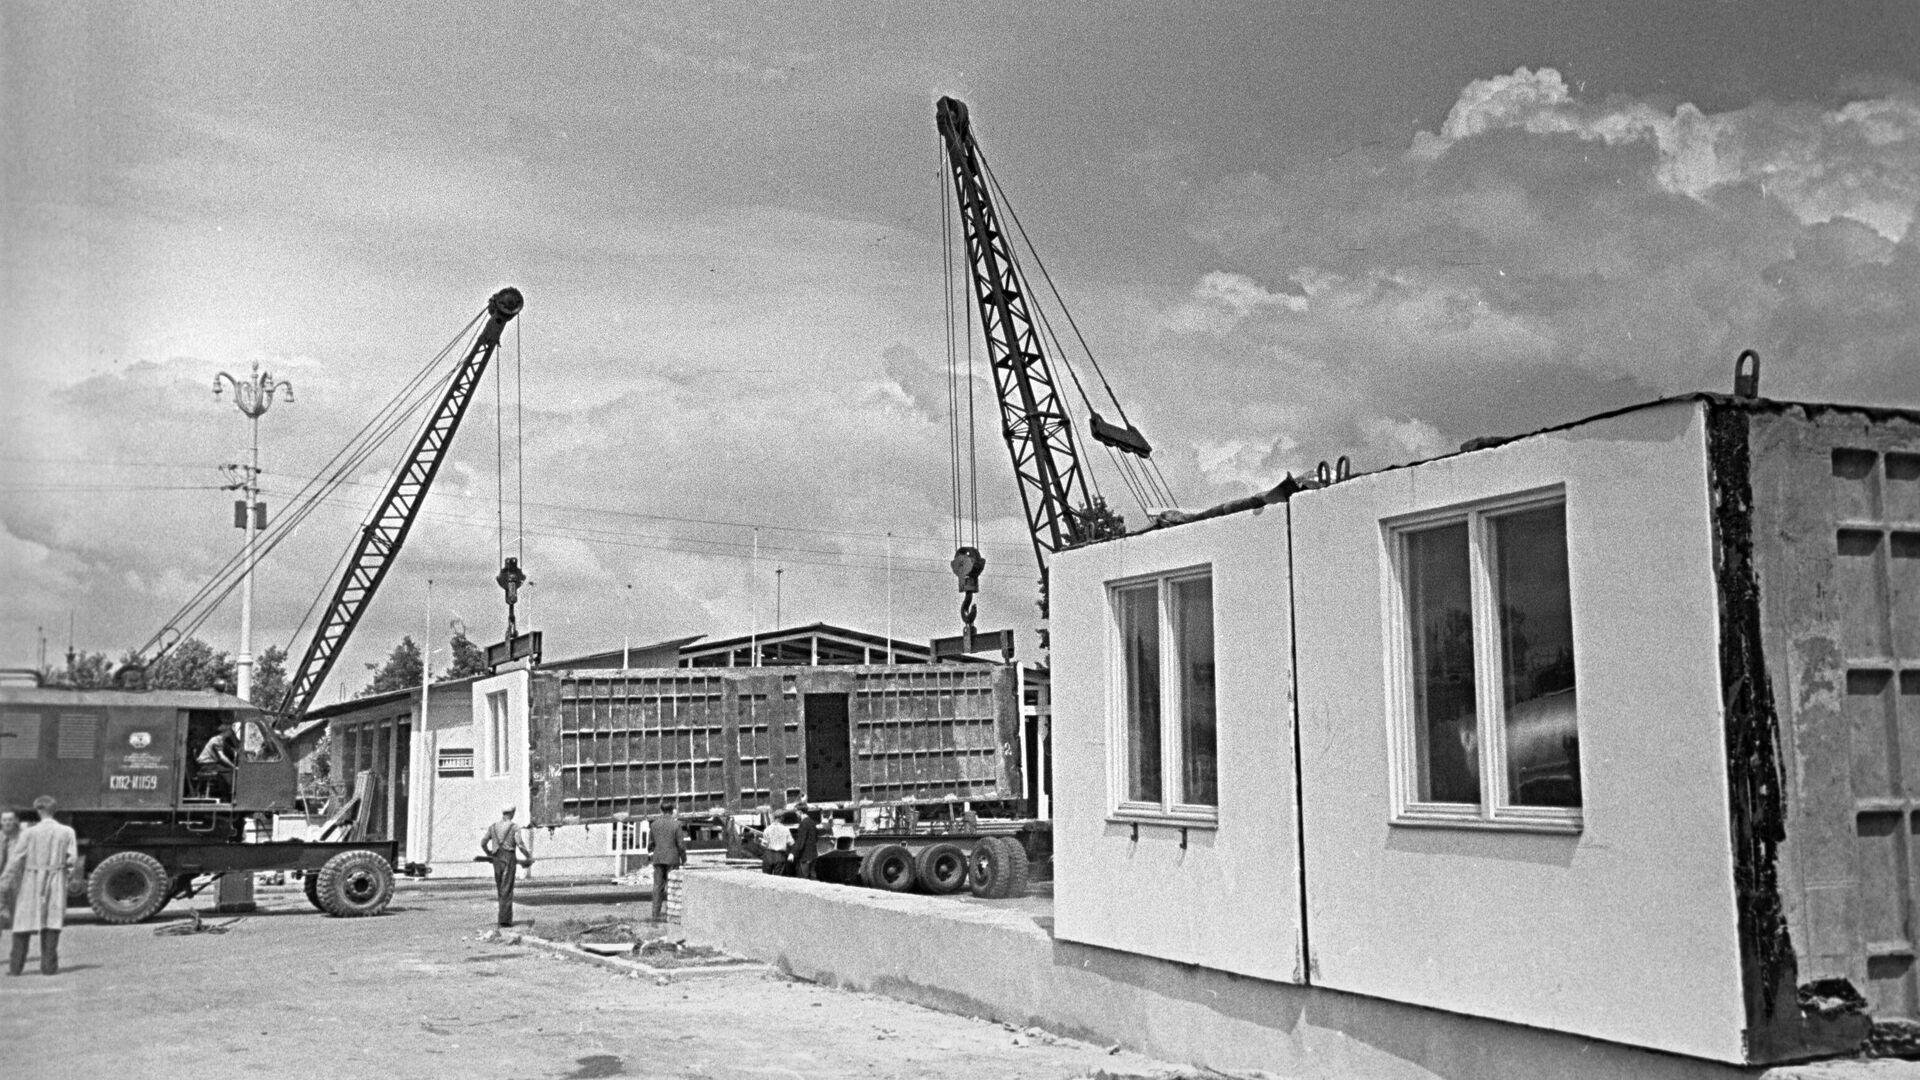 Строительство домов из блоков - РИА Новости, 1920, 18.11.2019